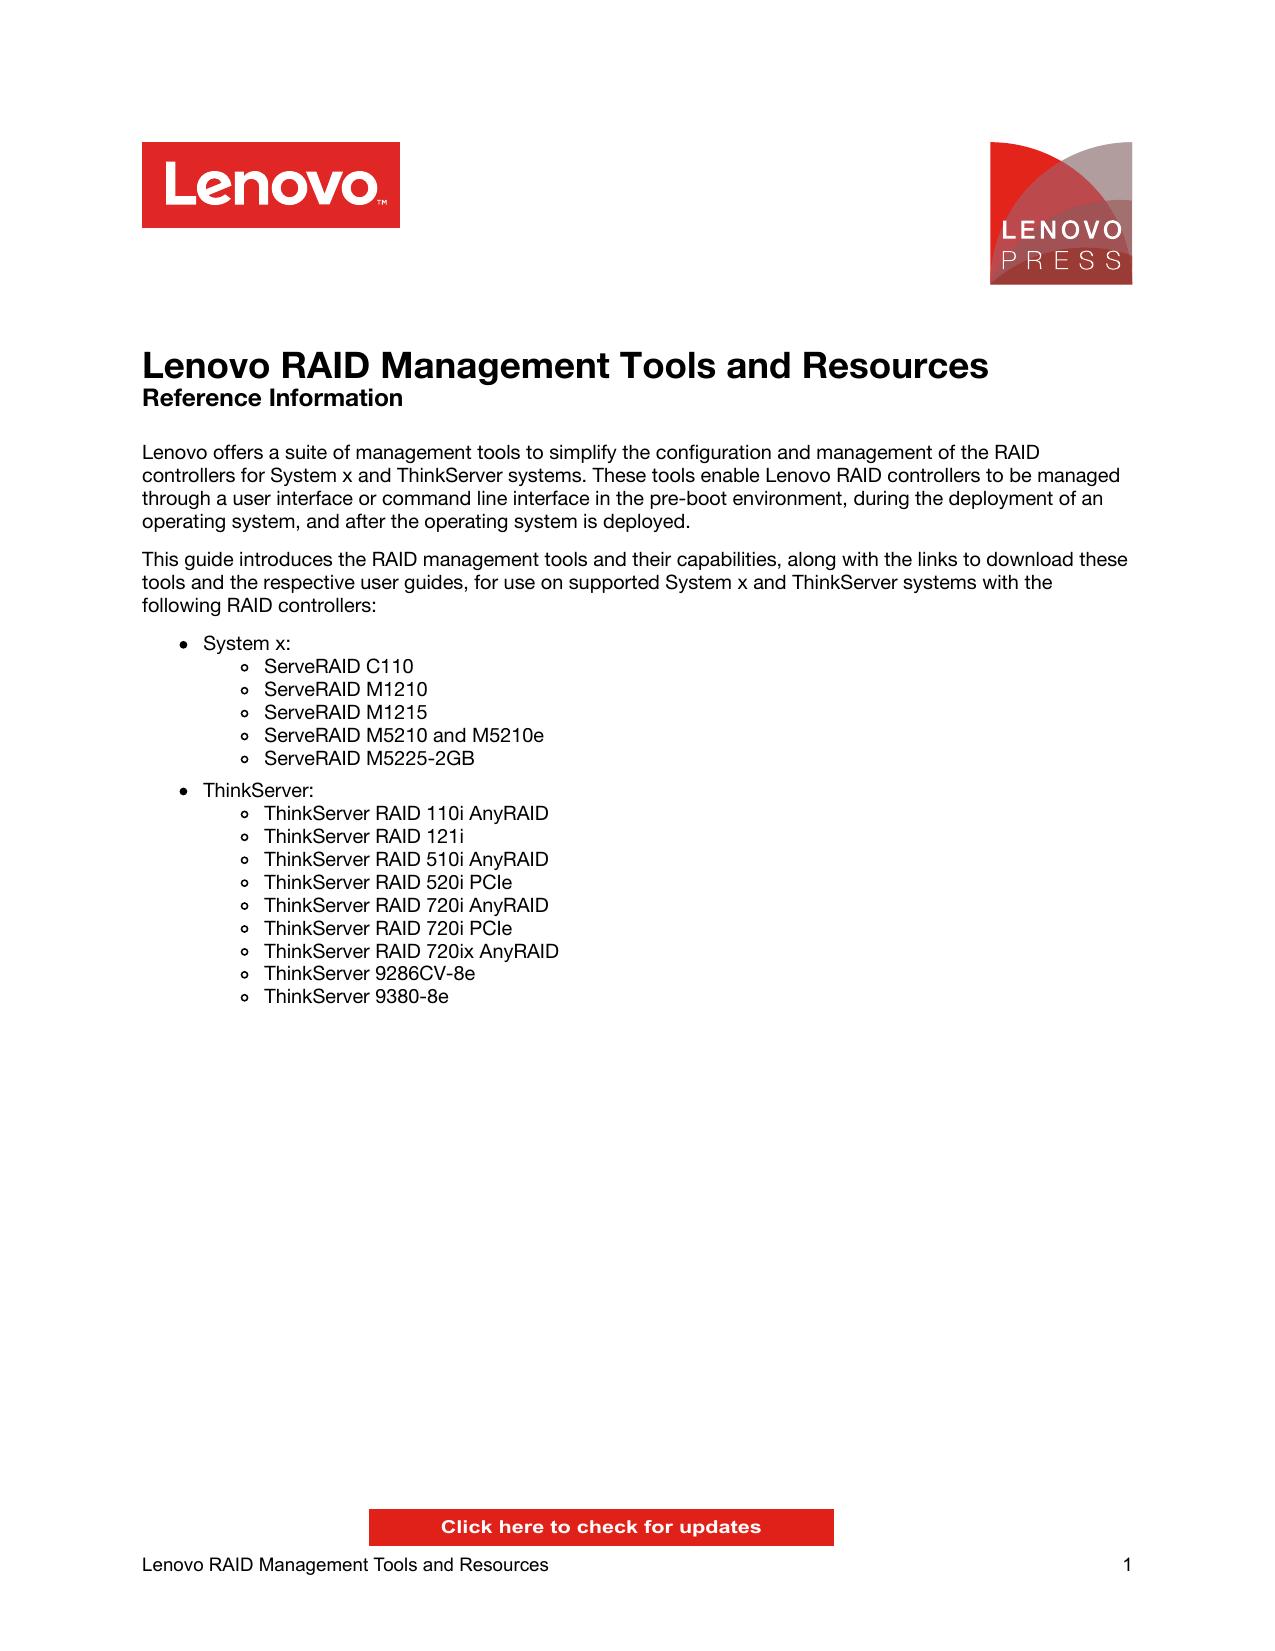 Lenovo RAID Management Tools and Resources | manualzz com